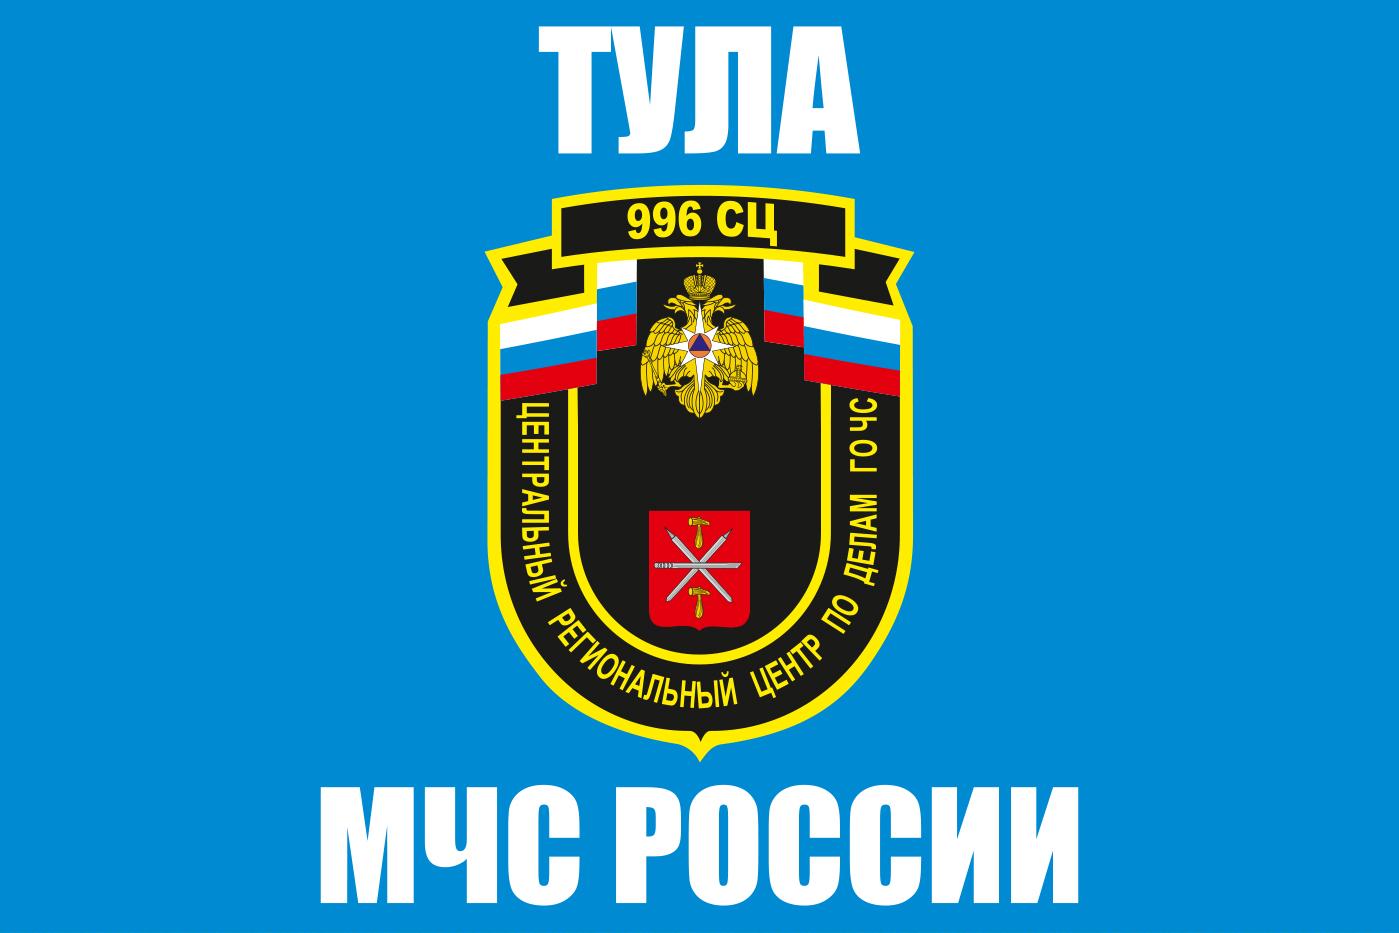 """Флаг """"996-й спасательный центр МЧС"""""""